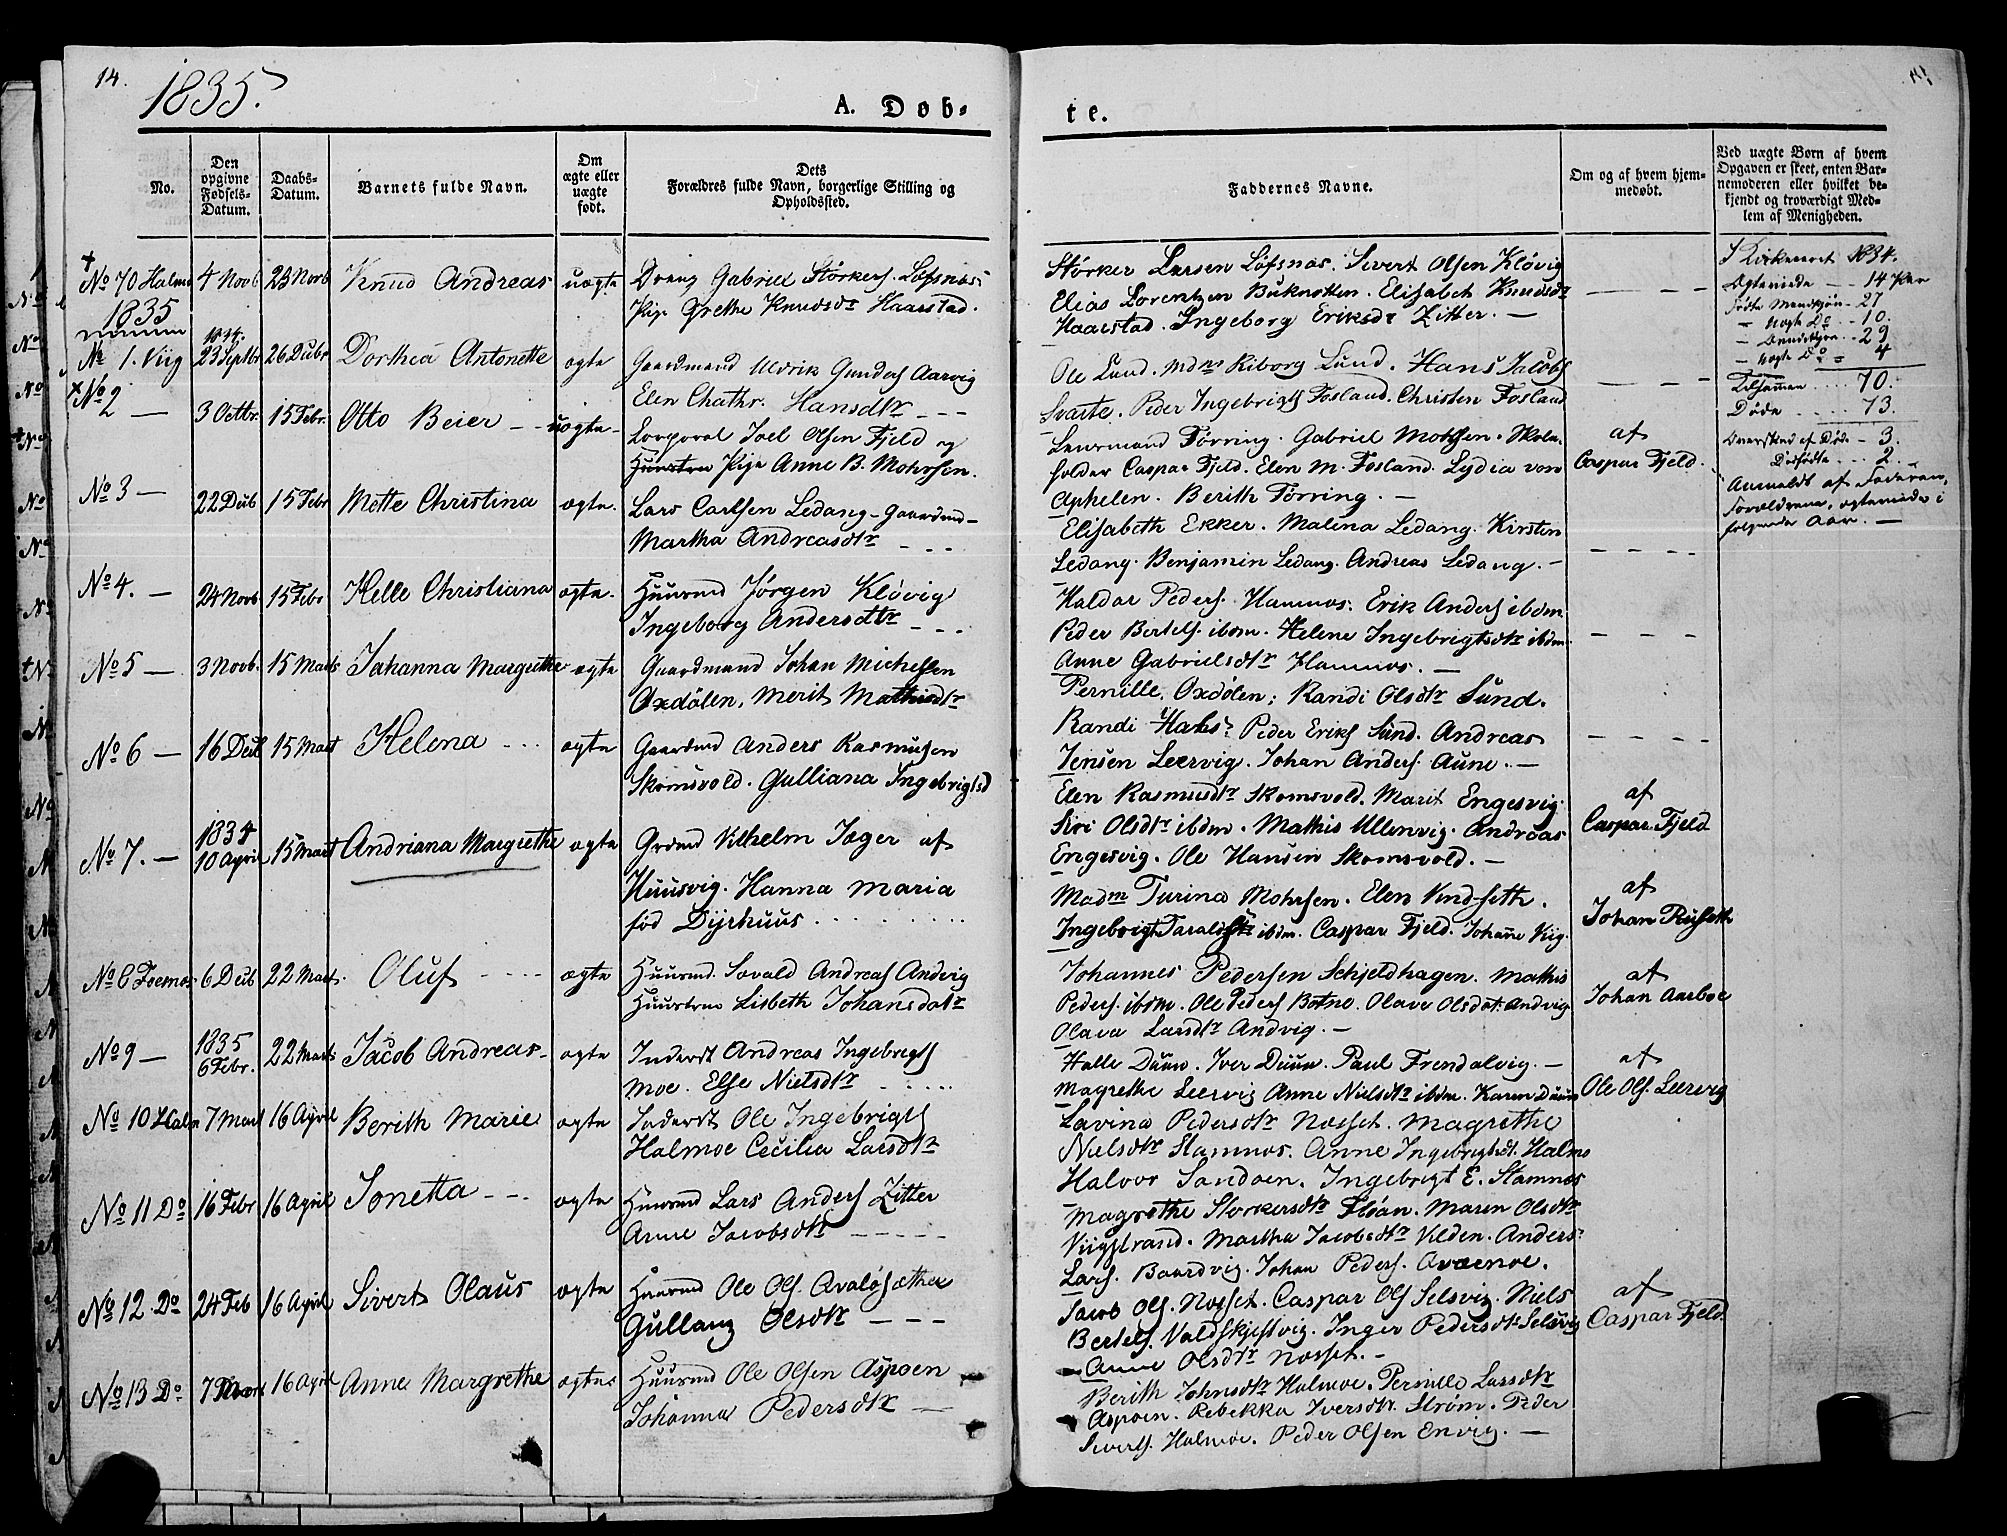 SAT, Ministerialprotokoller, klokkerbøker og fødselsregistre - Nord-Trøndelag, 773/L0614: Ministerialbok nr. 773A05, 1831-1856, s. 14